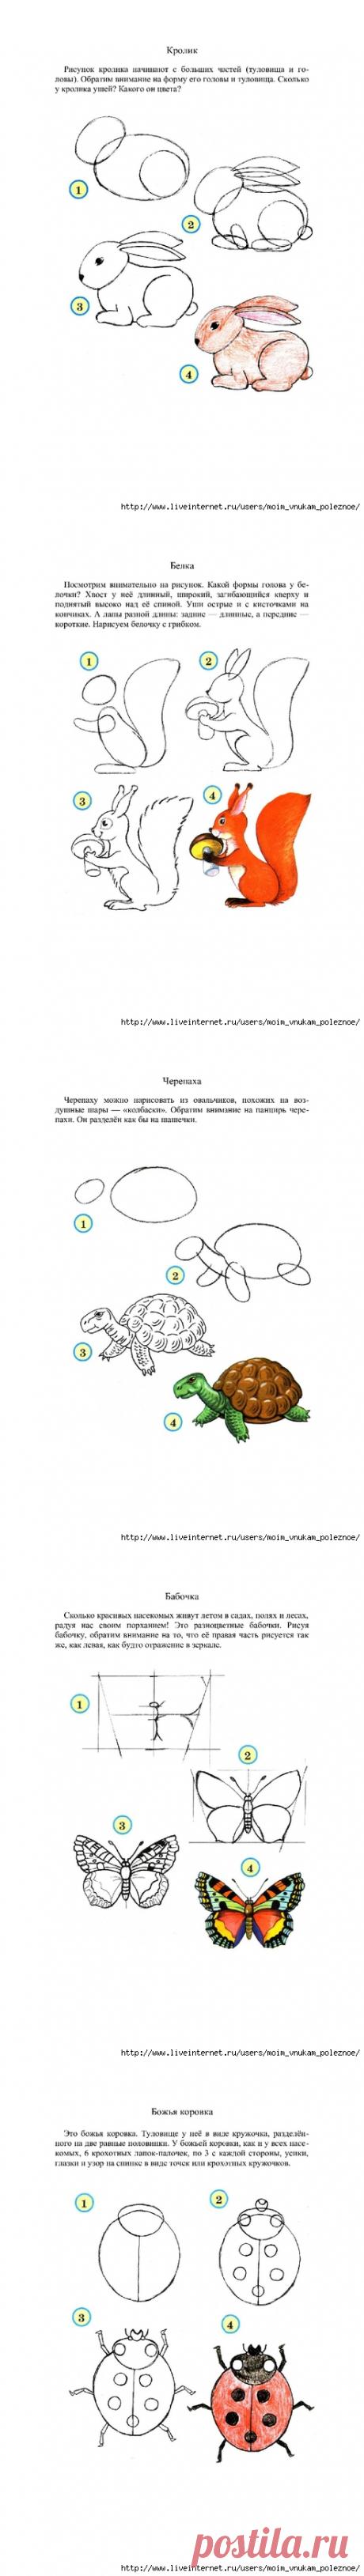 Рисуем животных, птиц, насекомых, рыб поэтапно